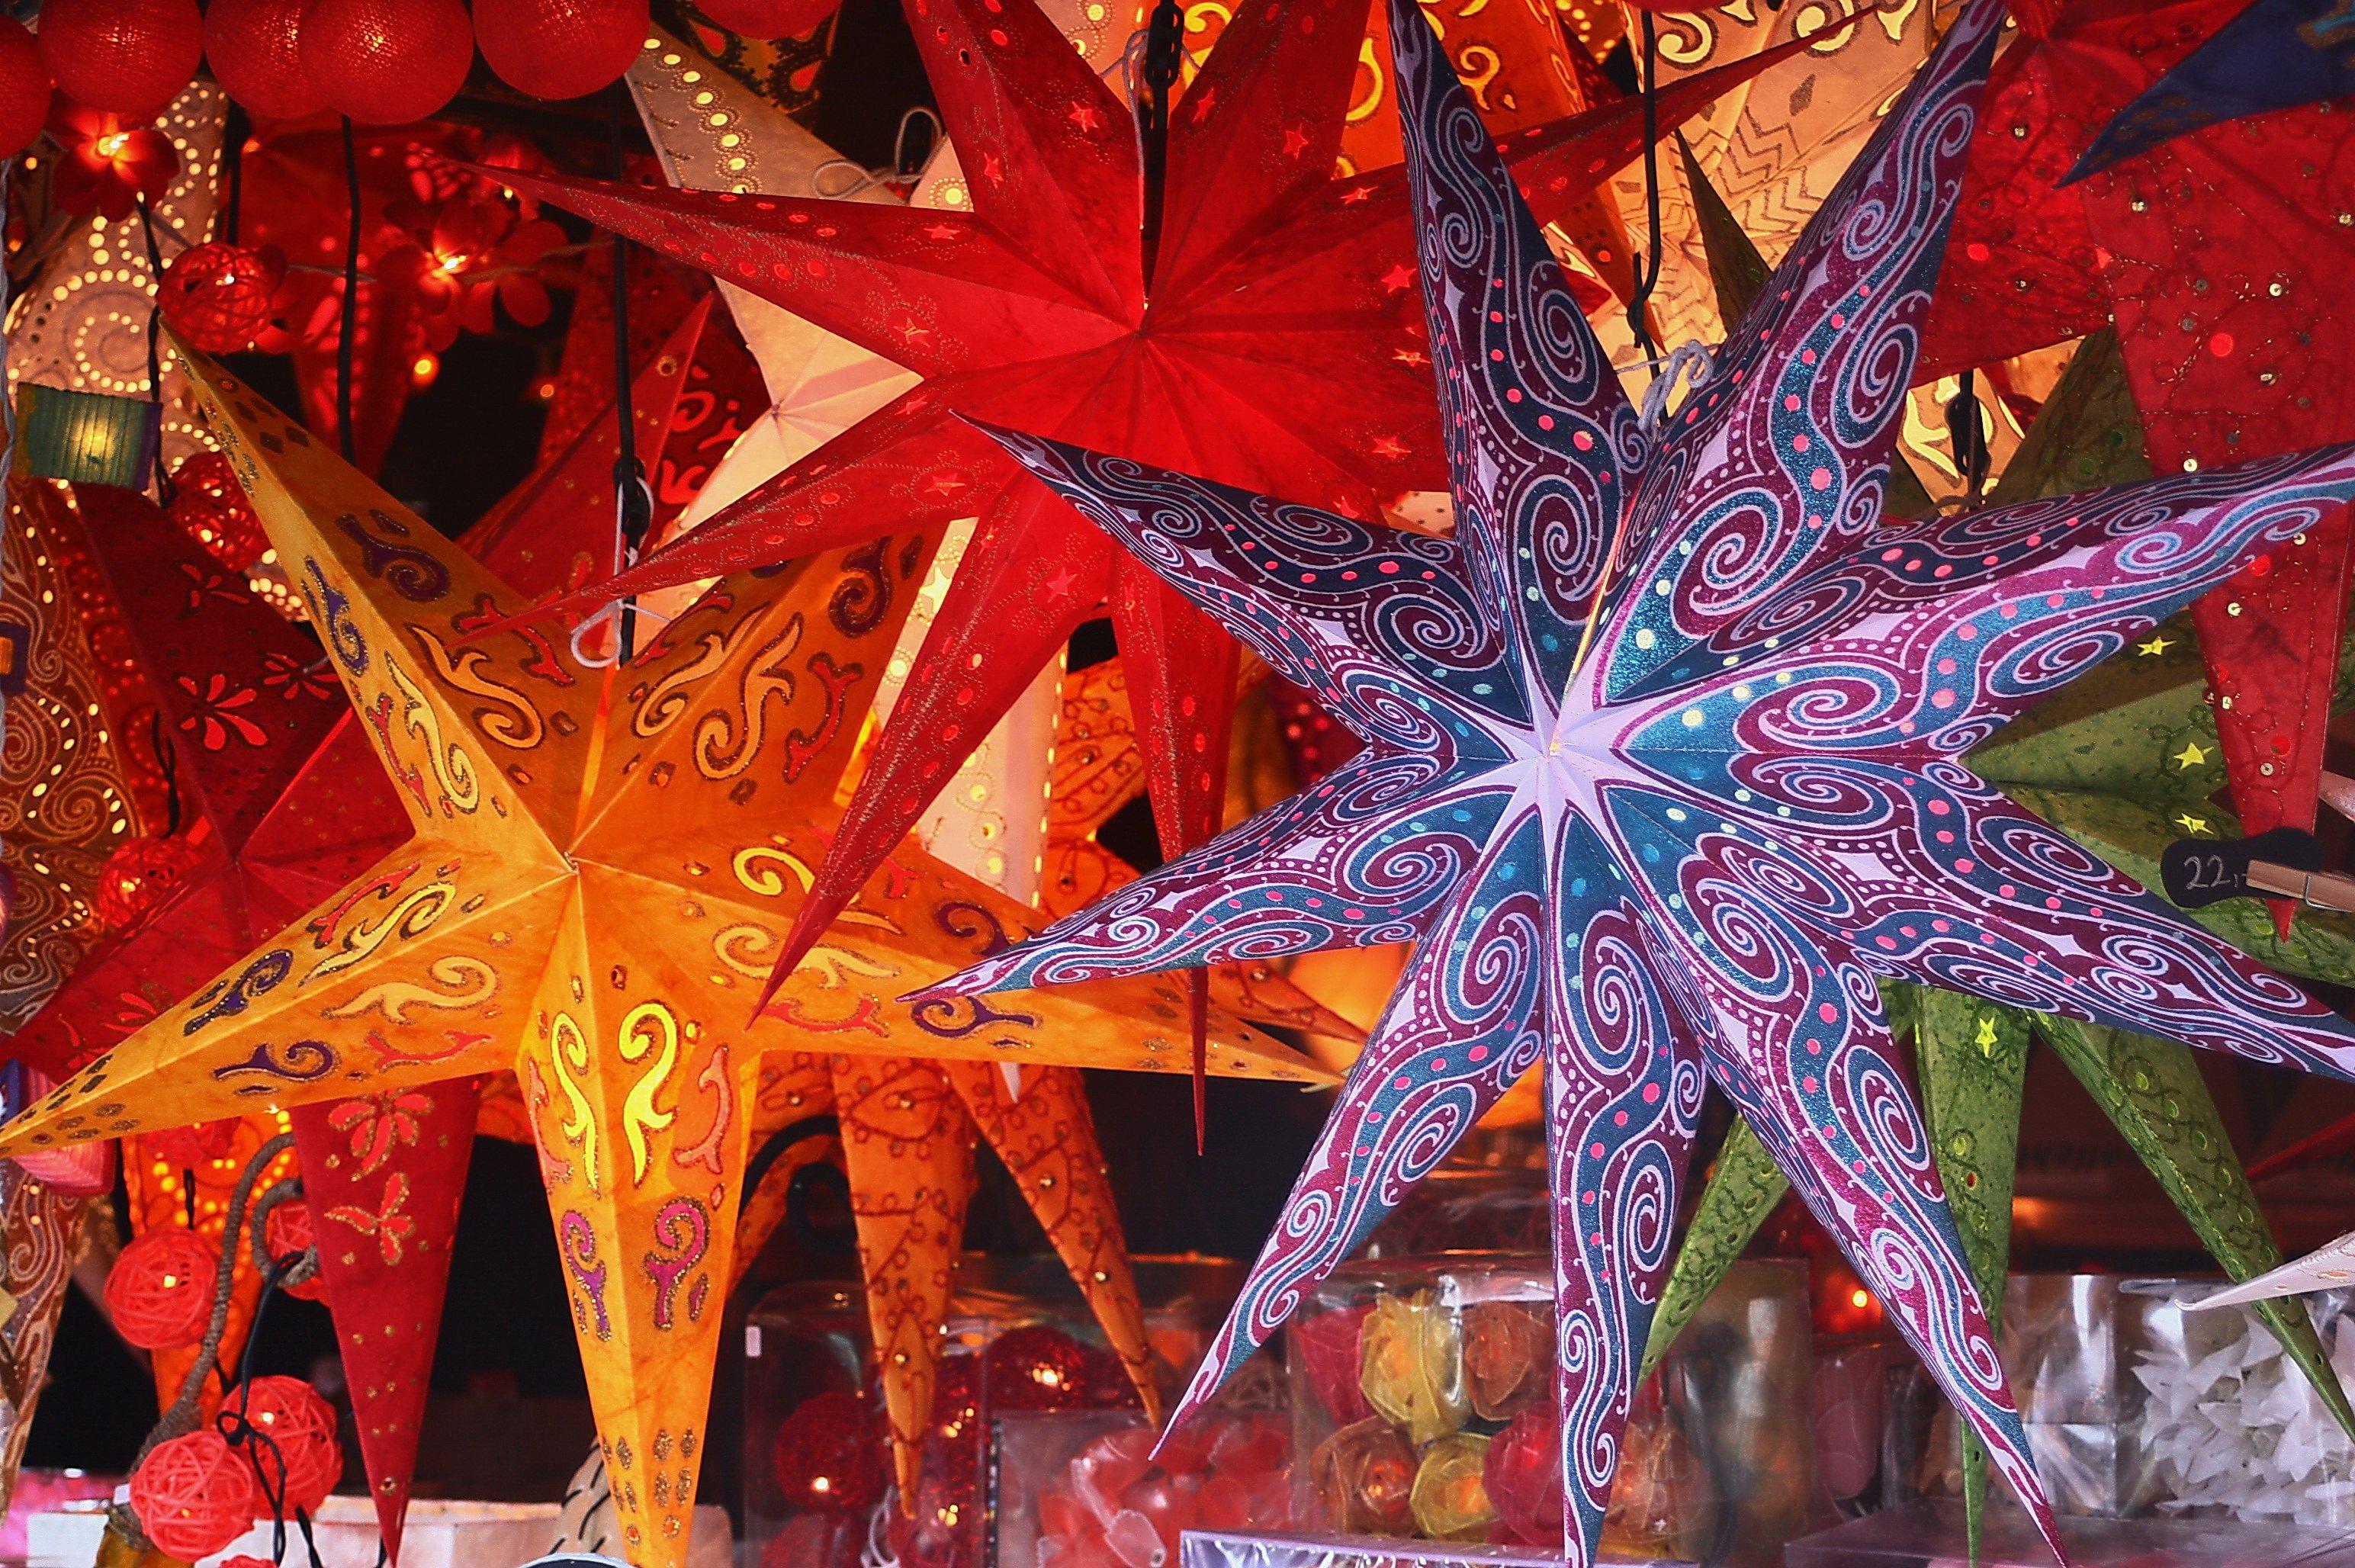 Motive f r weihnachtskarten risolva gmbh - Weihnachtskarten bilder ...